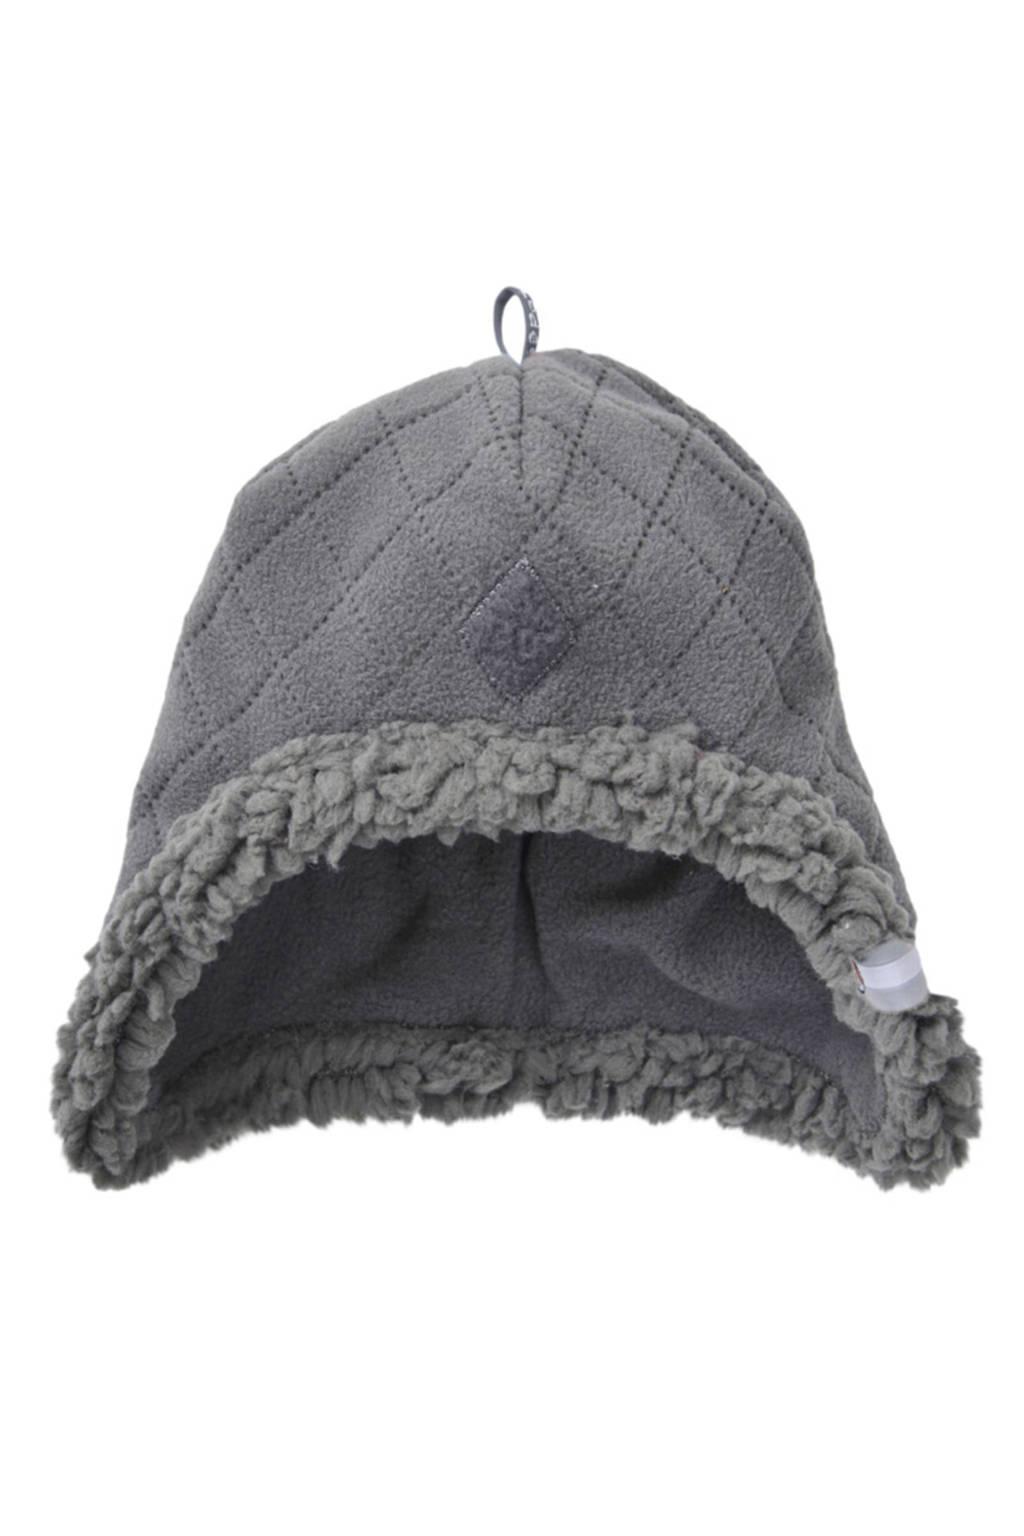 Lodger fleece mutsje Scandinavian (3-6 mnd), Coal